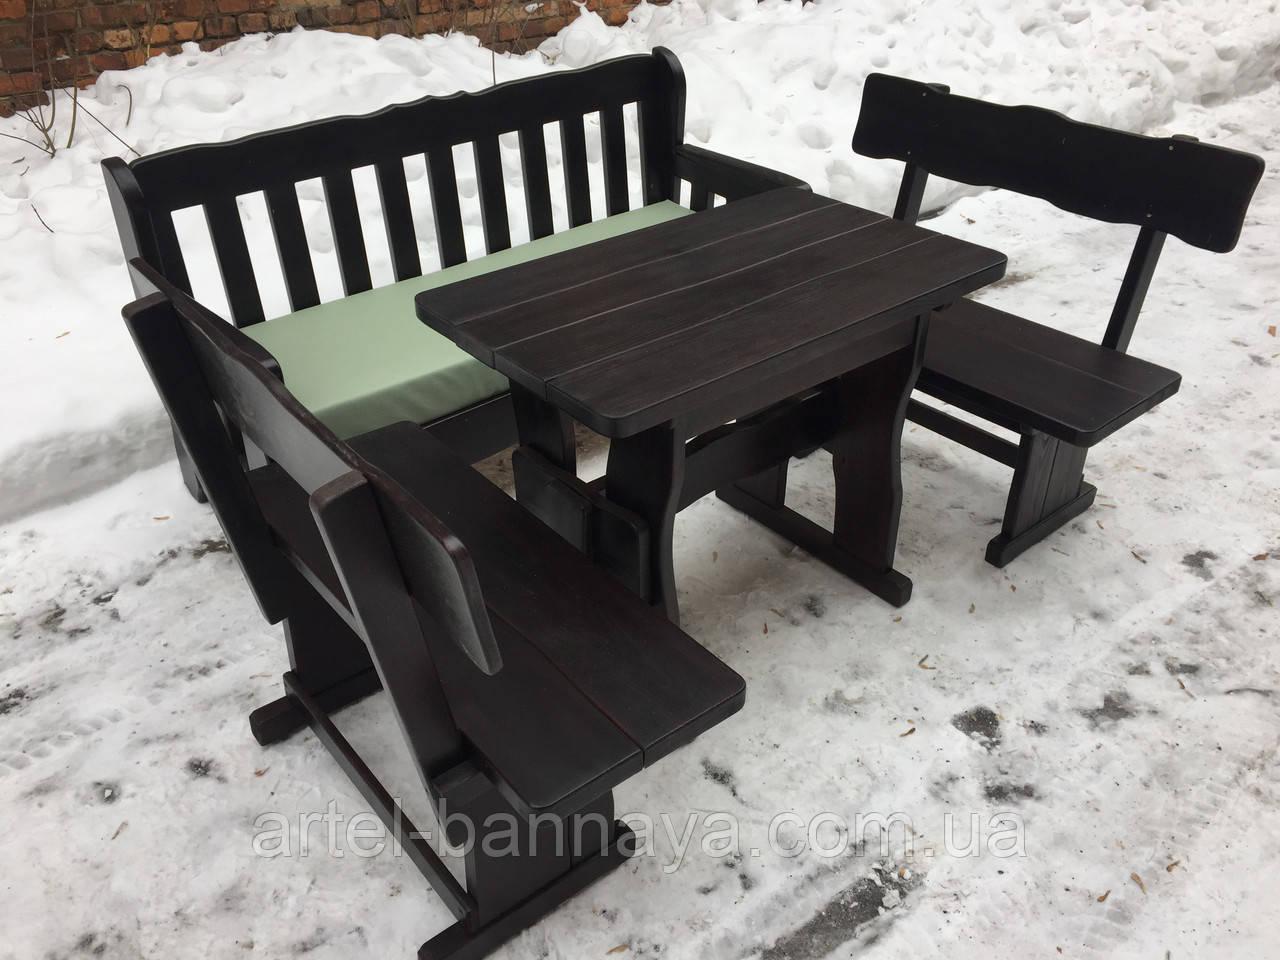 Комплект деревянной мебели с диваном от производителя